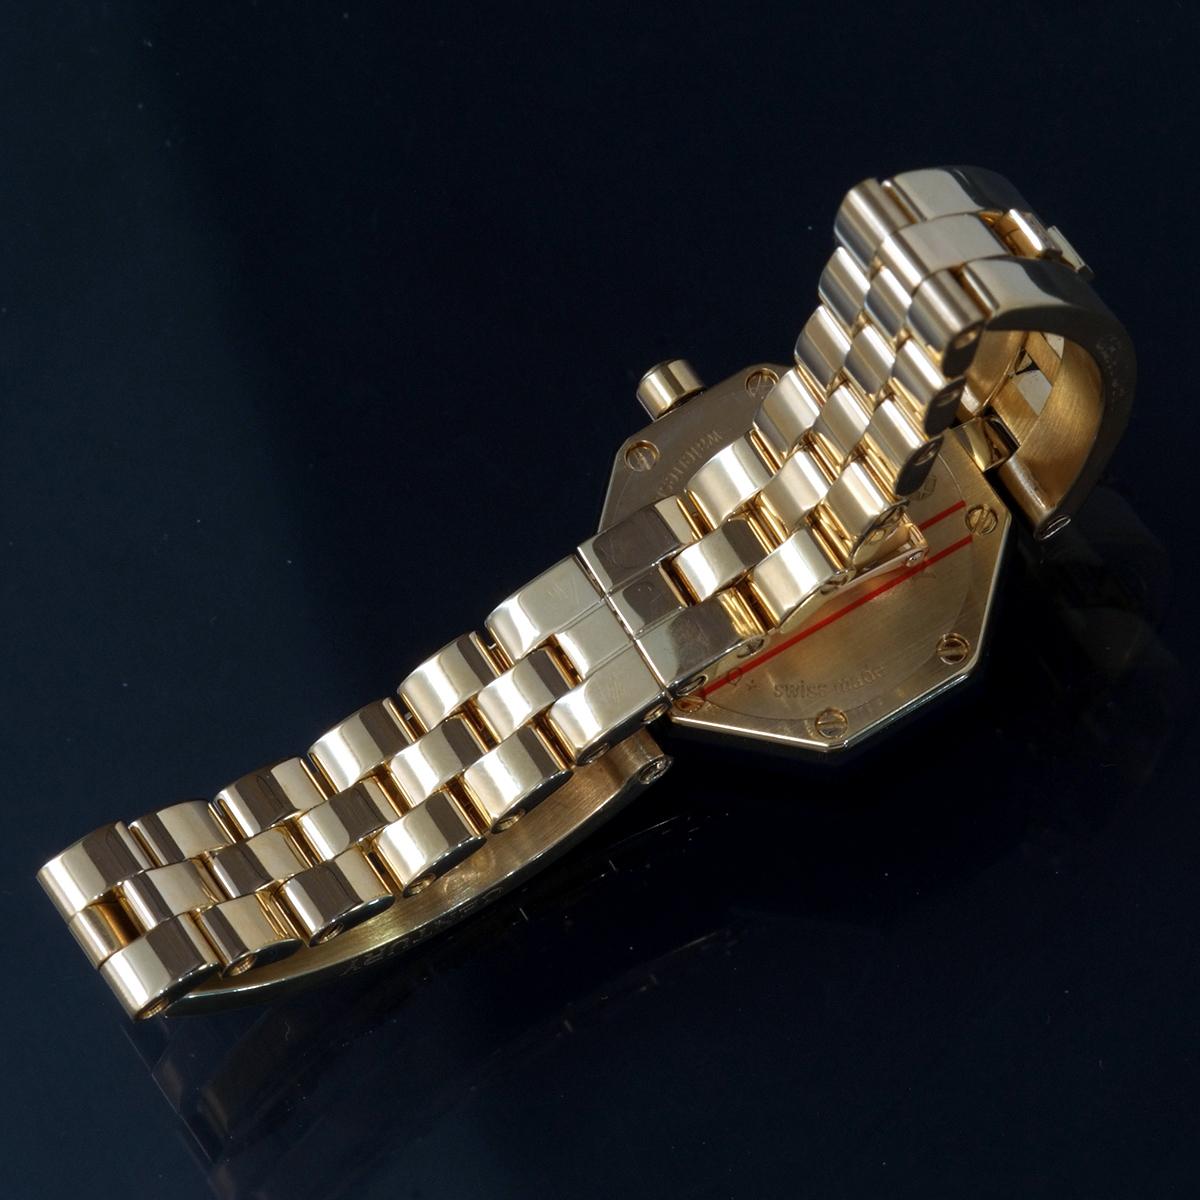 E9768【CENTURY】センチュリー 純正ダイヤモンド 最高級18金無垢セレブリティレディQZ 腕周り16cm 重量61.31g ケース幅22.7mm_画像6